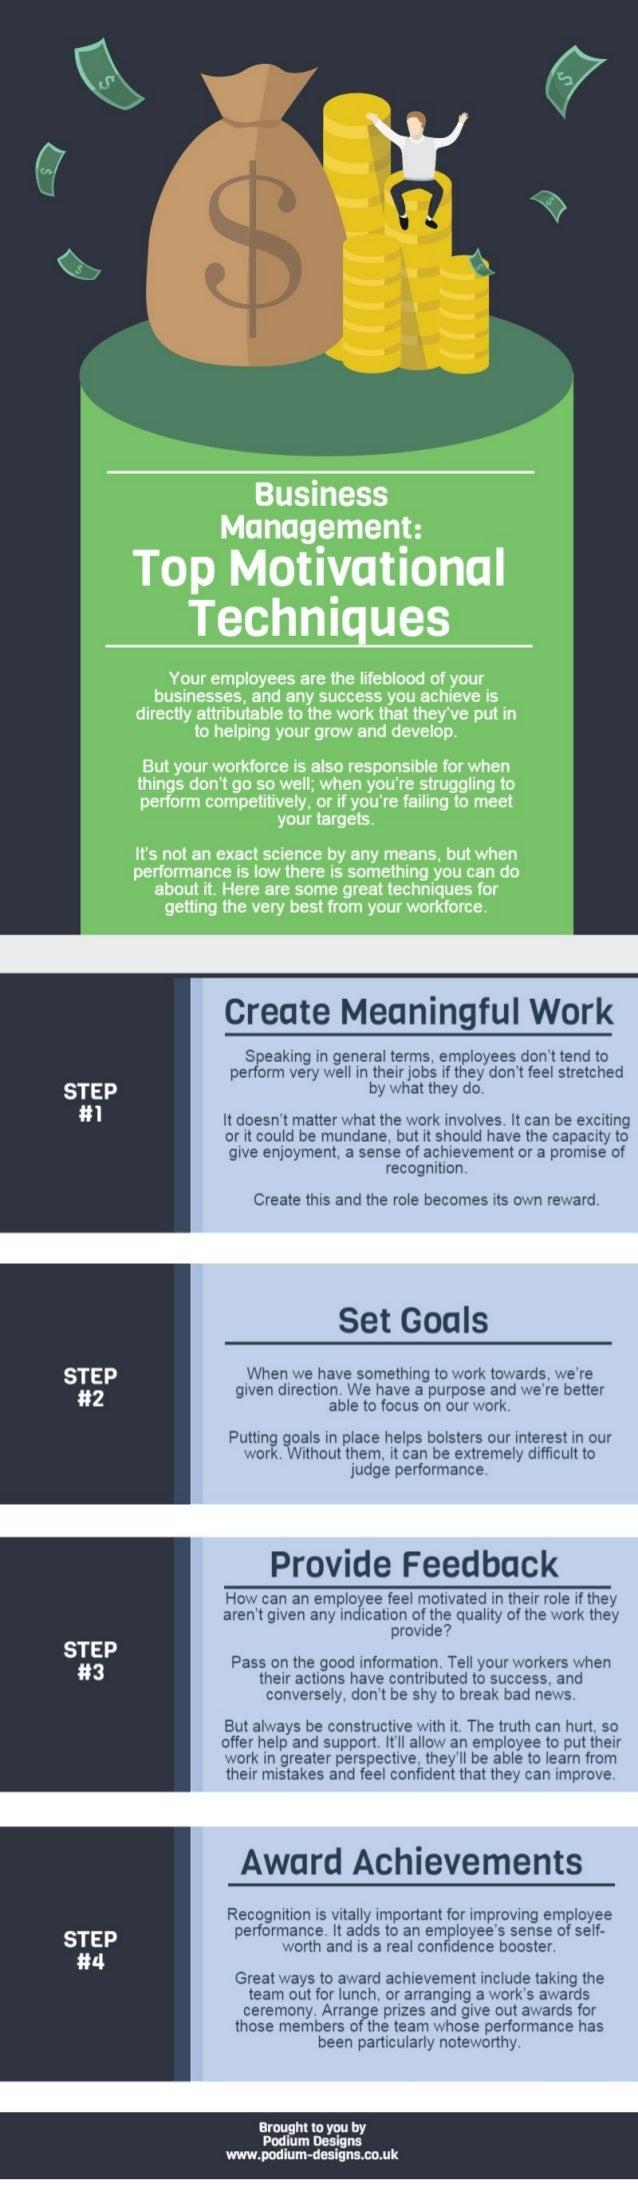 Top Motivational Techniques